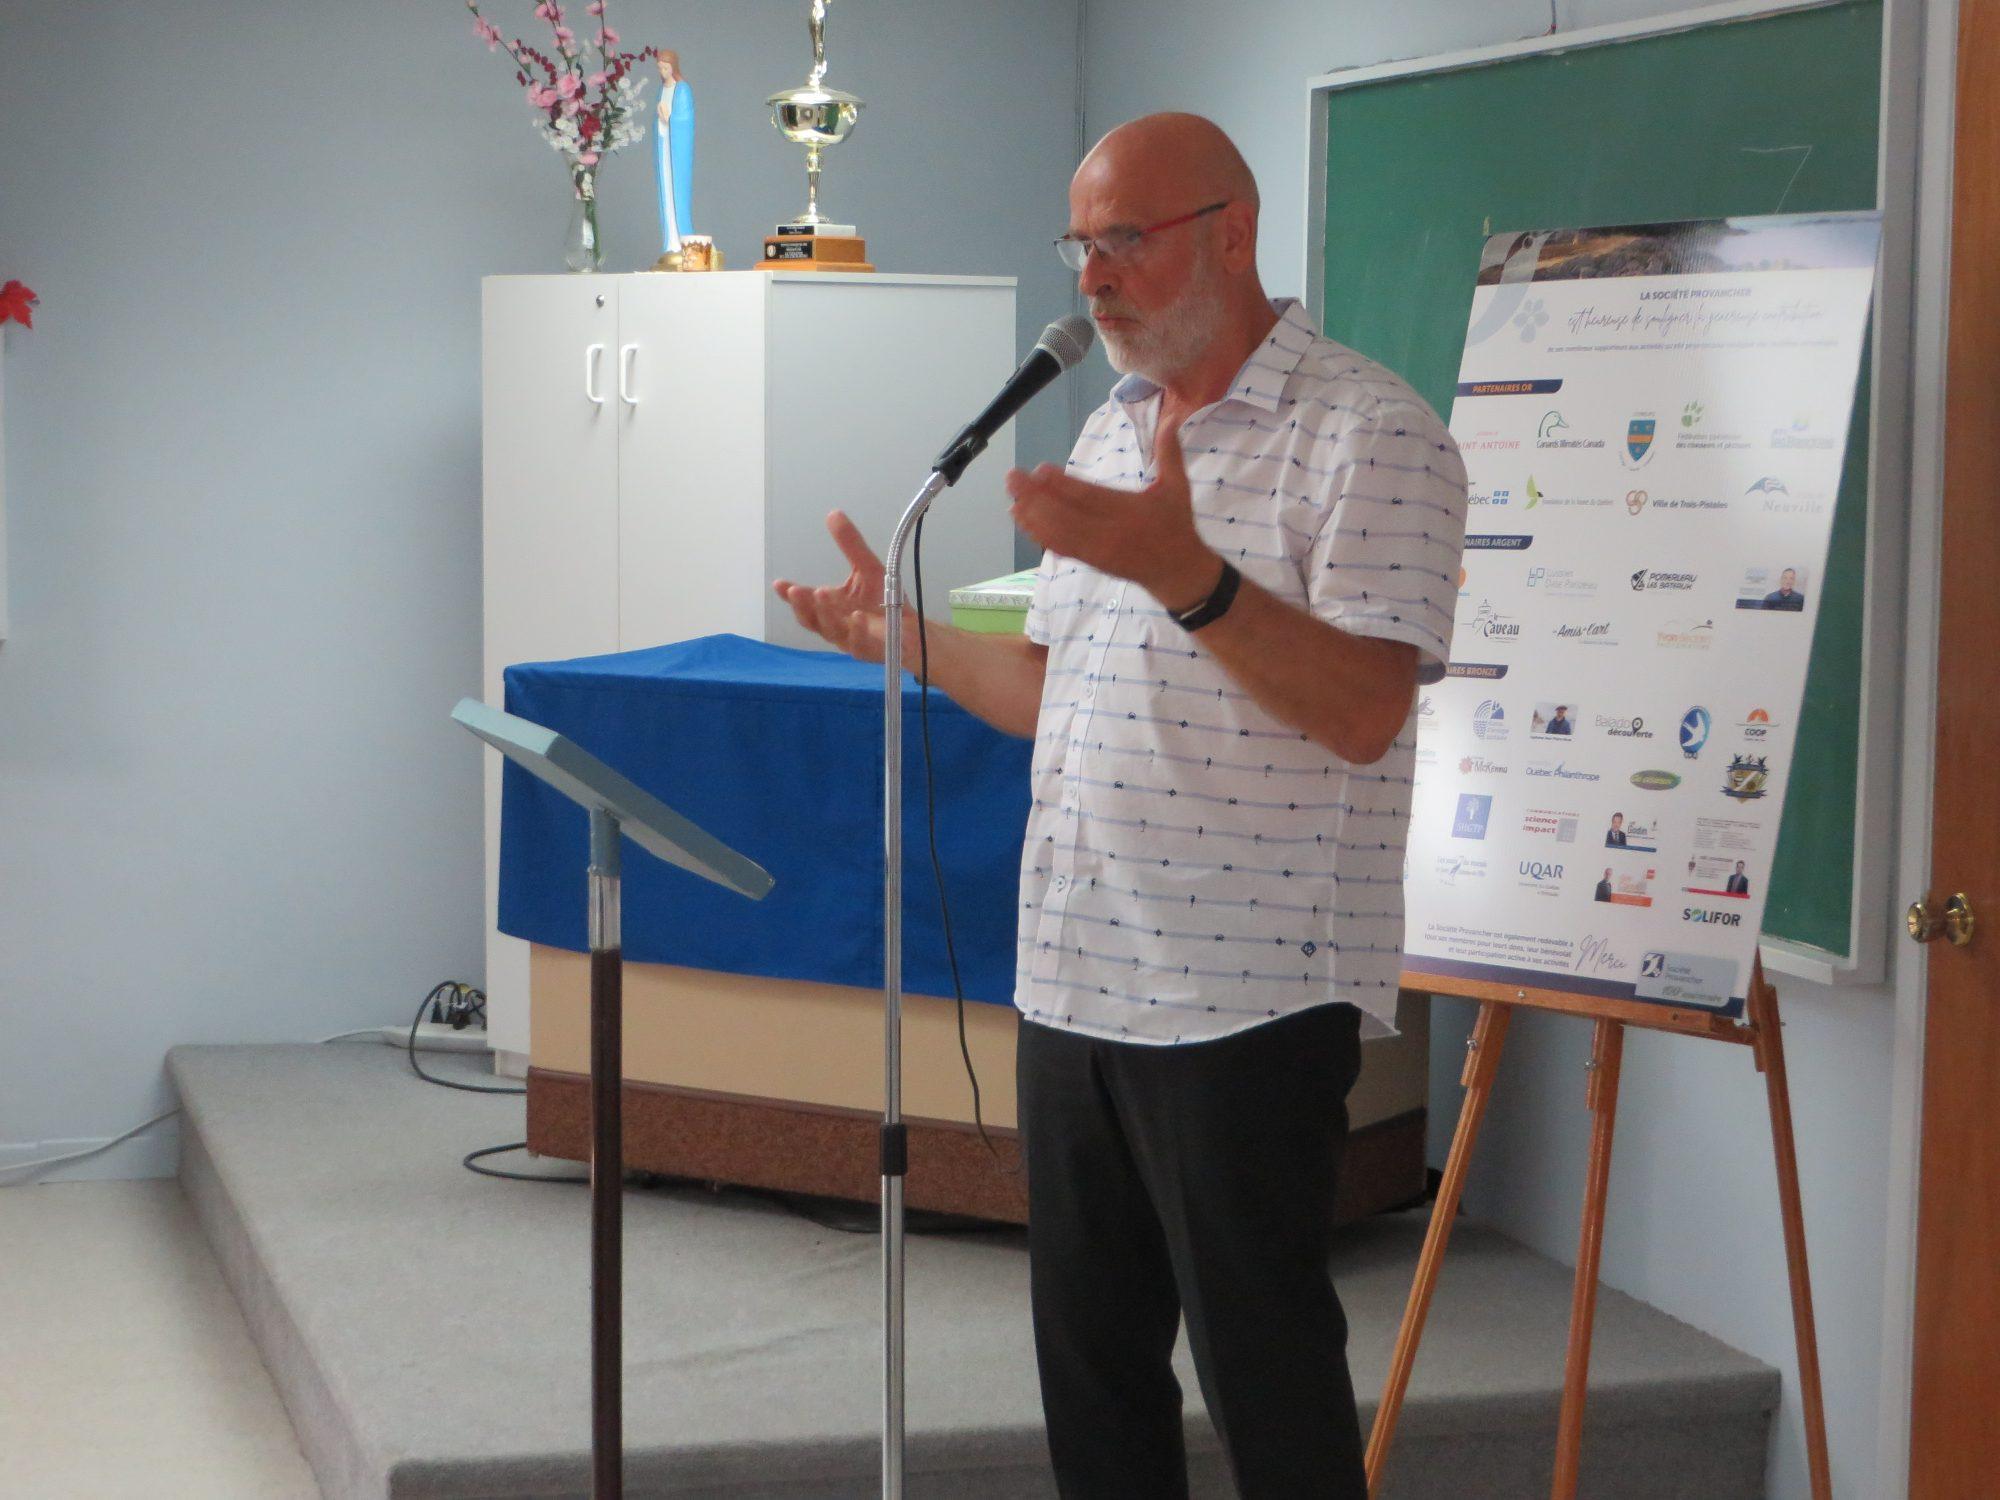 M. Jean-Pierre Rioux, maire de Trois-Pistoles et gardien de l'île aux Basques, donnant sa conférence sur l'île aux Basques. Brunch du centenaire de la Société Provancher, le 22 septembre 2019, à l'Abri Doré de Trois-Pistoles. Photo : Réhaume Courtois.